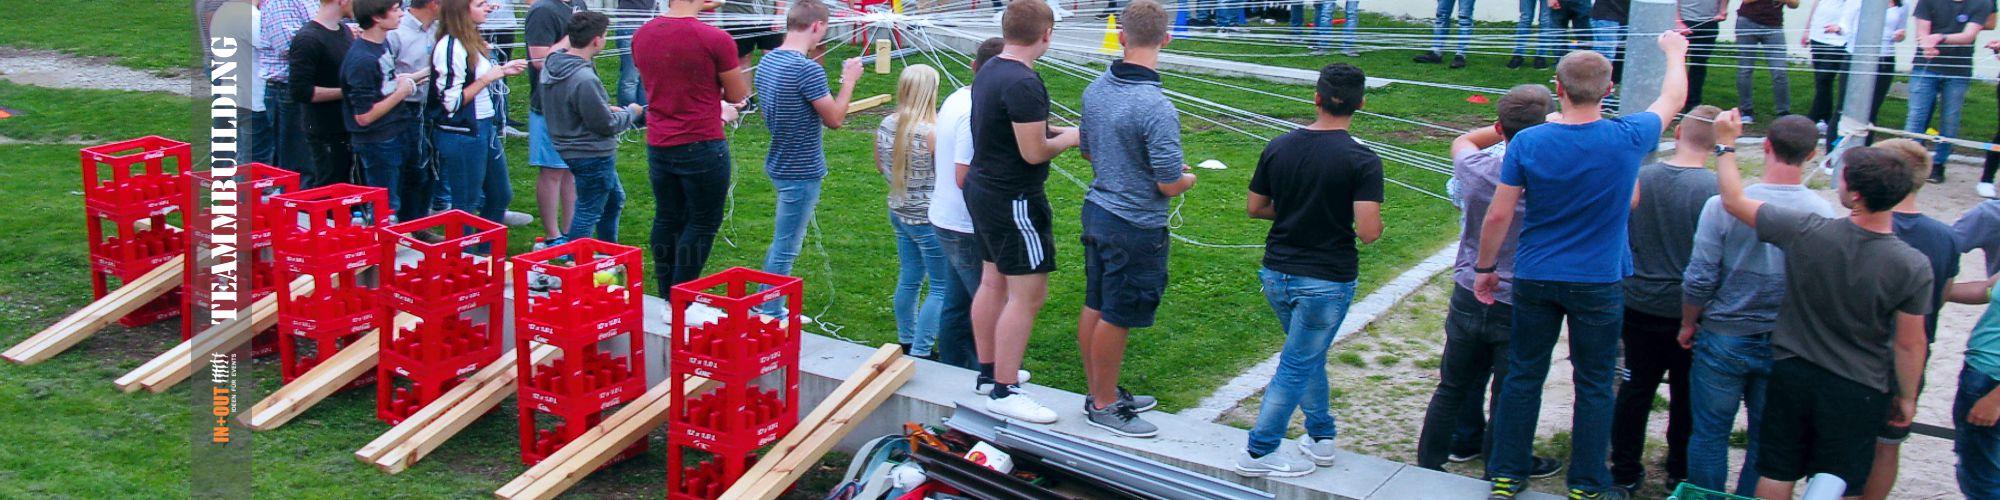 Ideen für Team Events - Azubi Camp - Team Event Münster